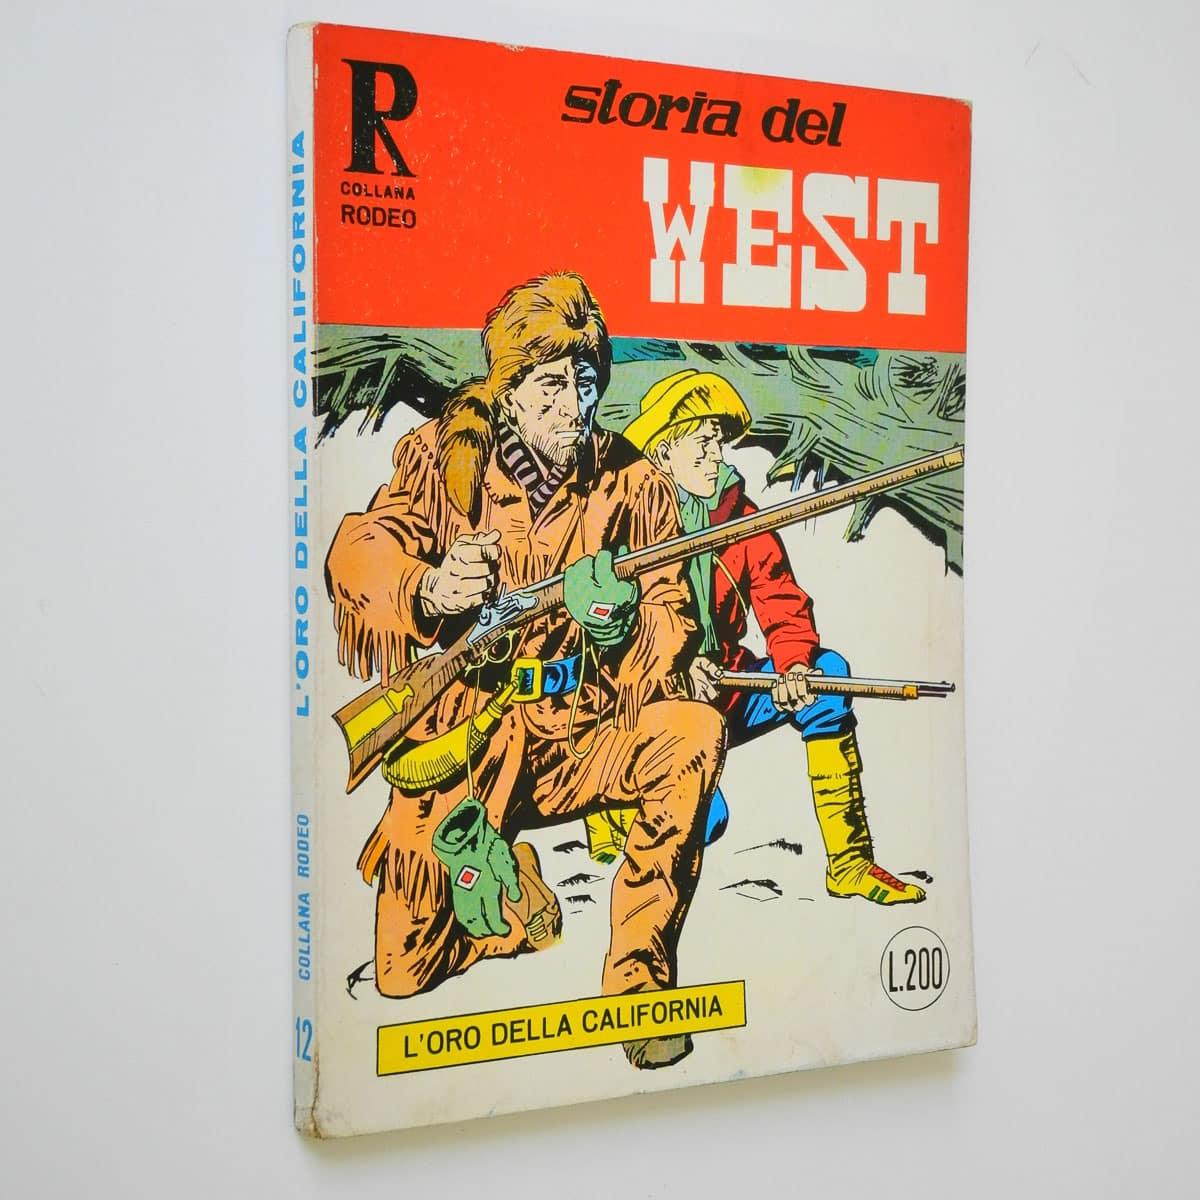 Collana Rodeo n. 12 Storia del West originale